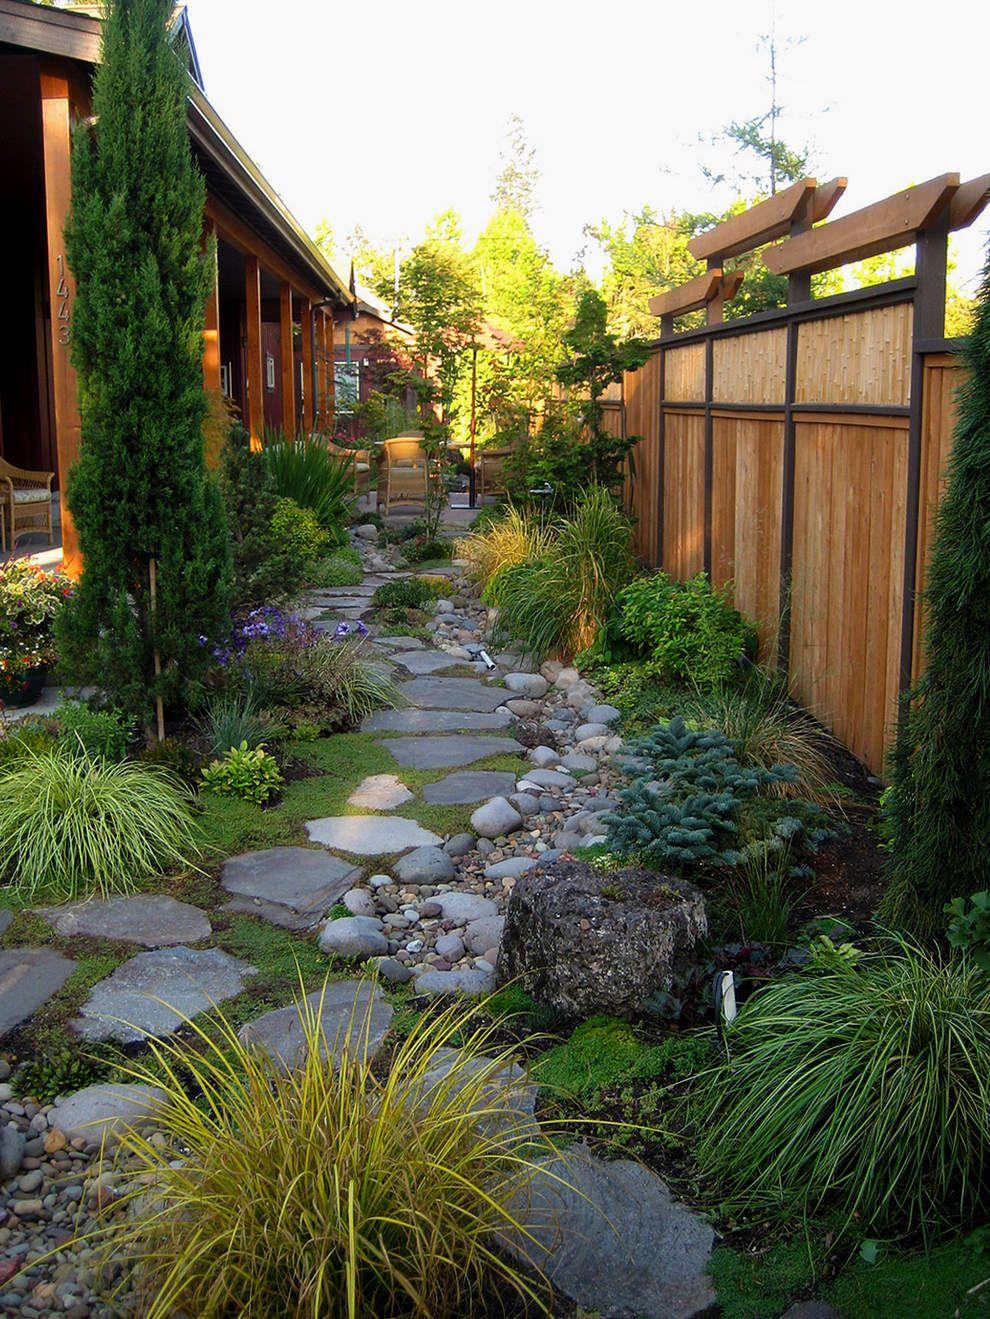 Jardin Avec Pas Japonais Et Vegetation | Idée Aménagement ... concernant Amenagement Jardin Avec Pierres